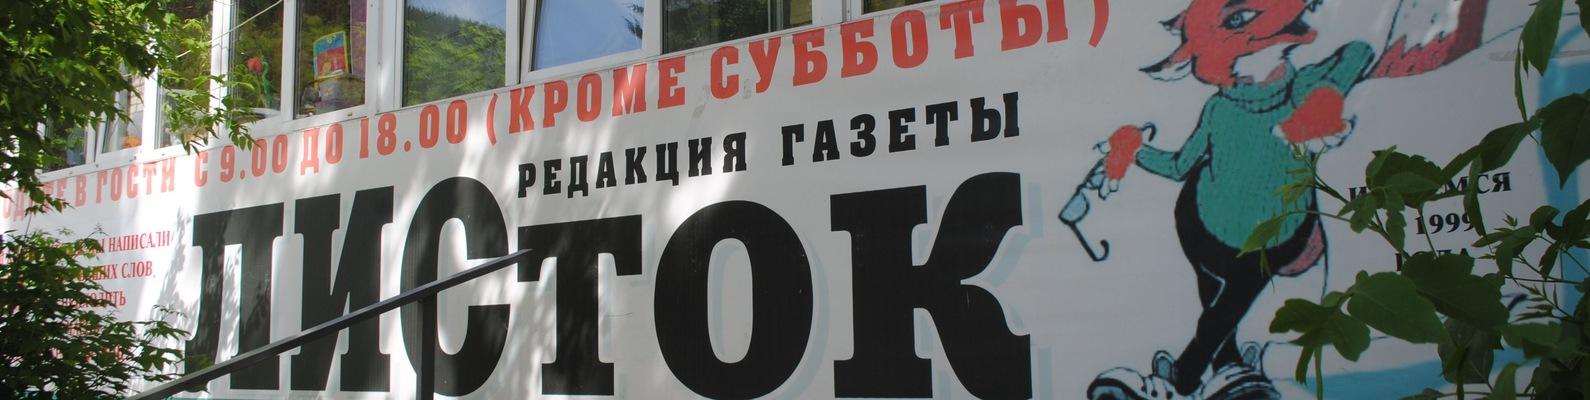 Листок горно алтайск объявления работа требуется дать объявление из рук в руки в г тольятти